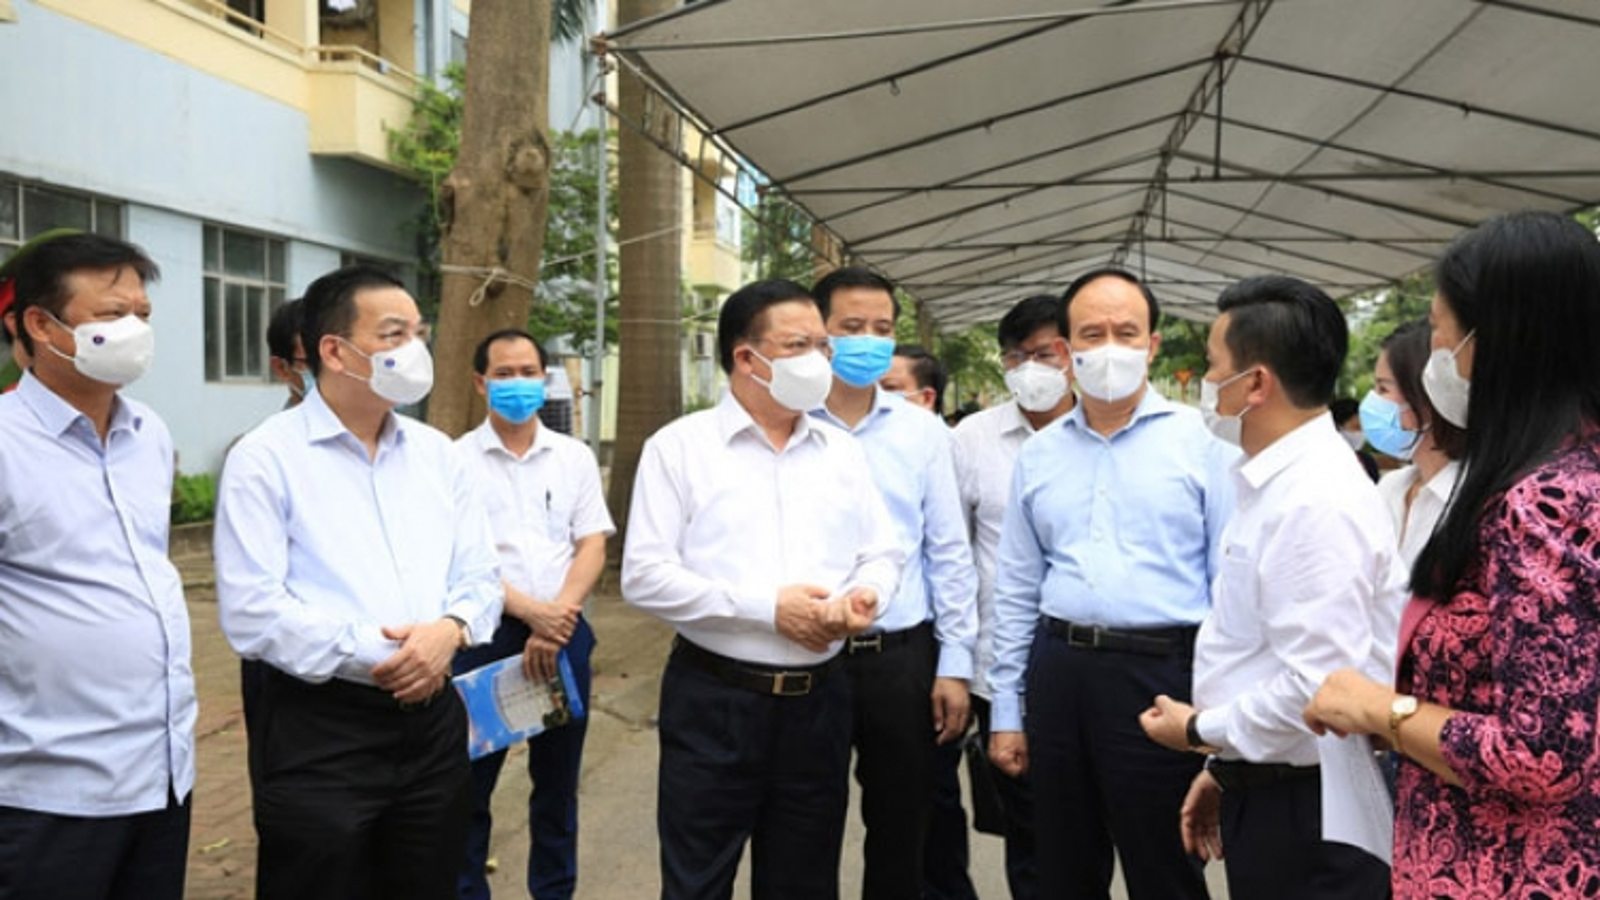 """Bí thư Thành ủy Hà Nội: """"Nới lỏng, nhưng tuyệt đối không lơi lỏng"""""""